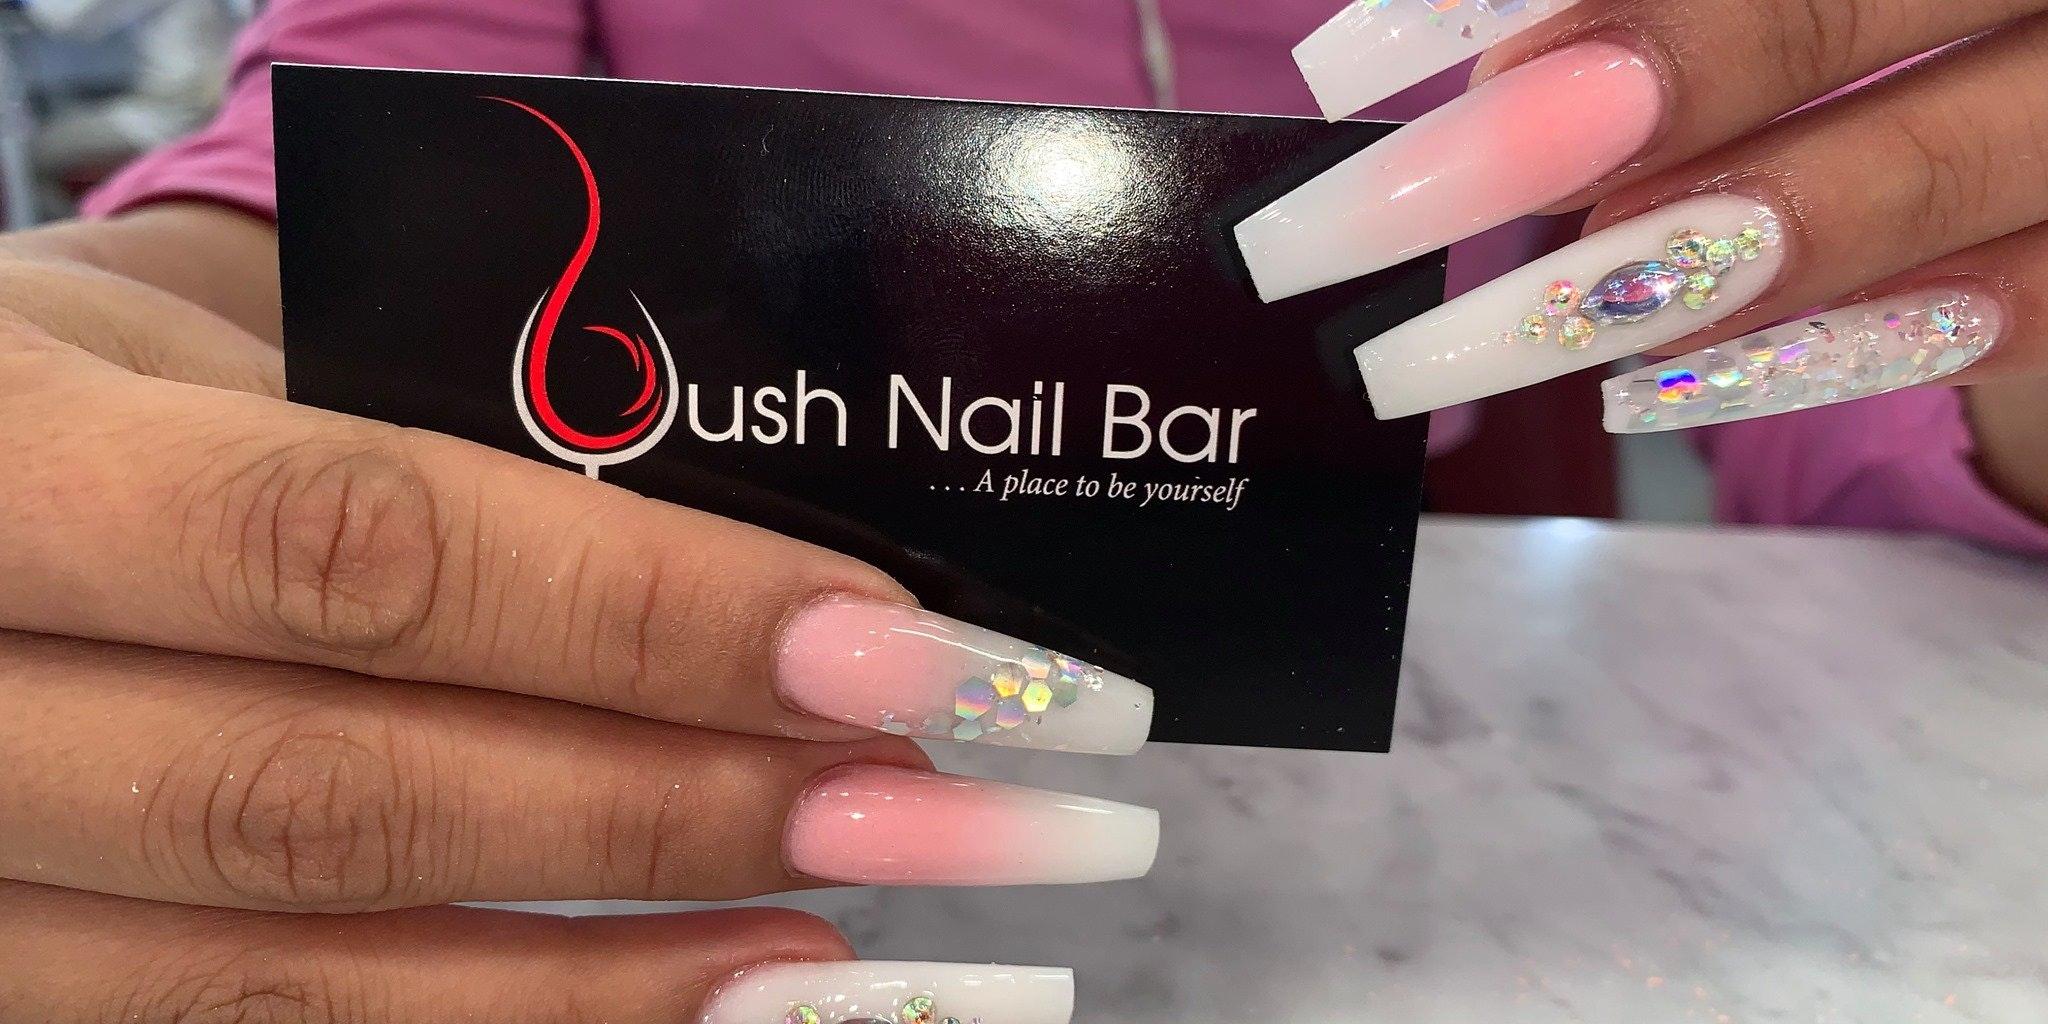 Lush Nail Bar Atlantic